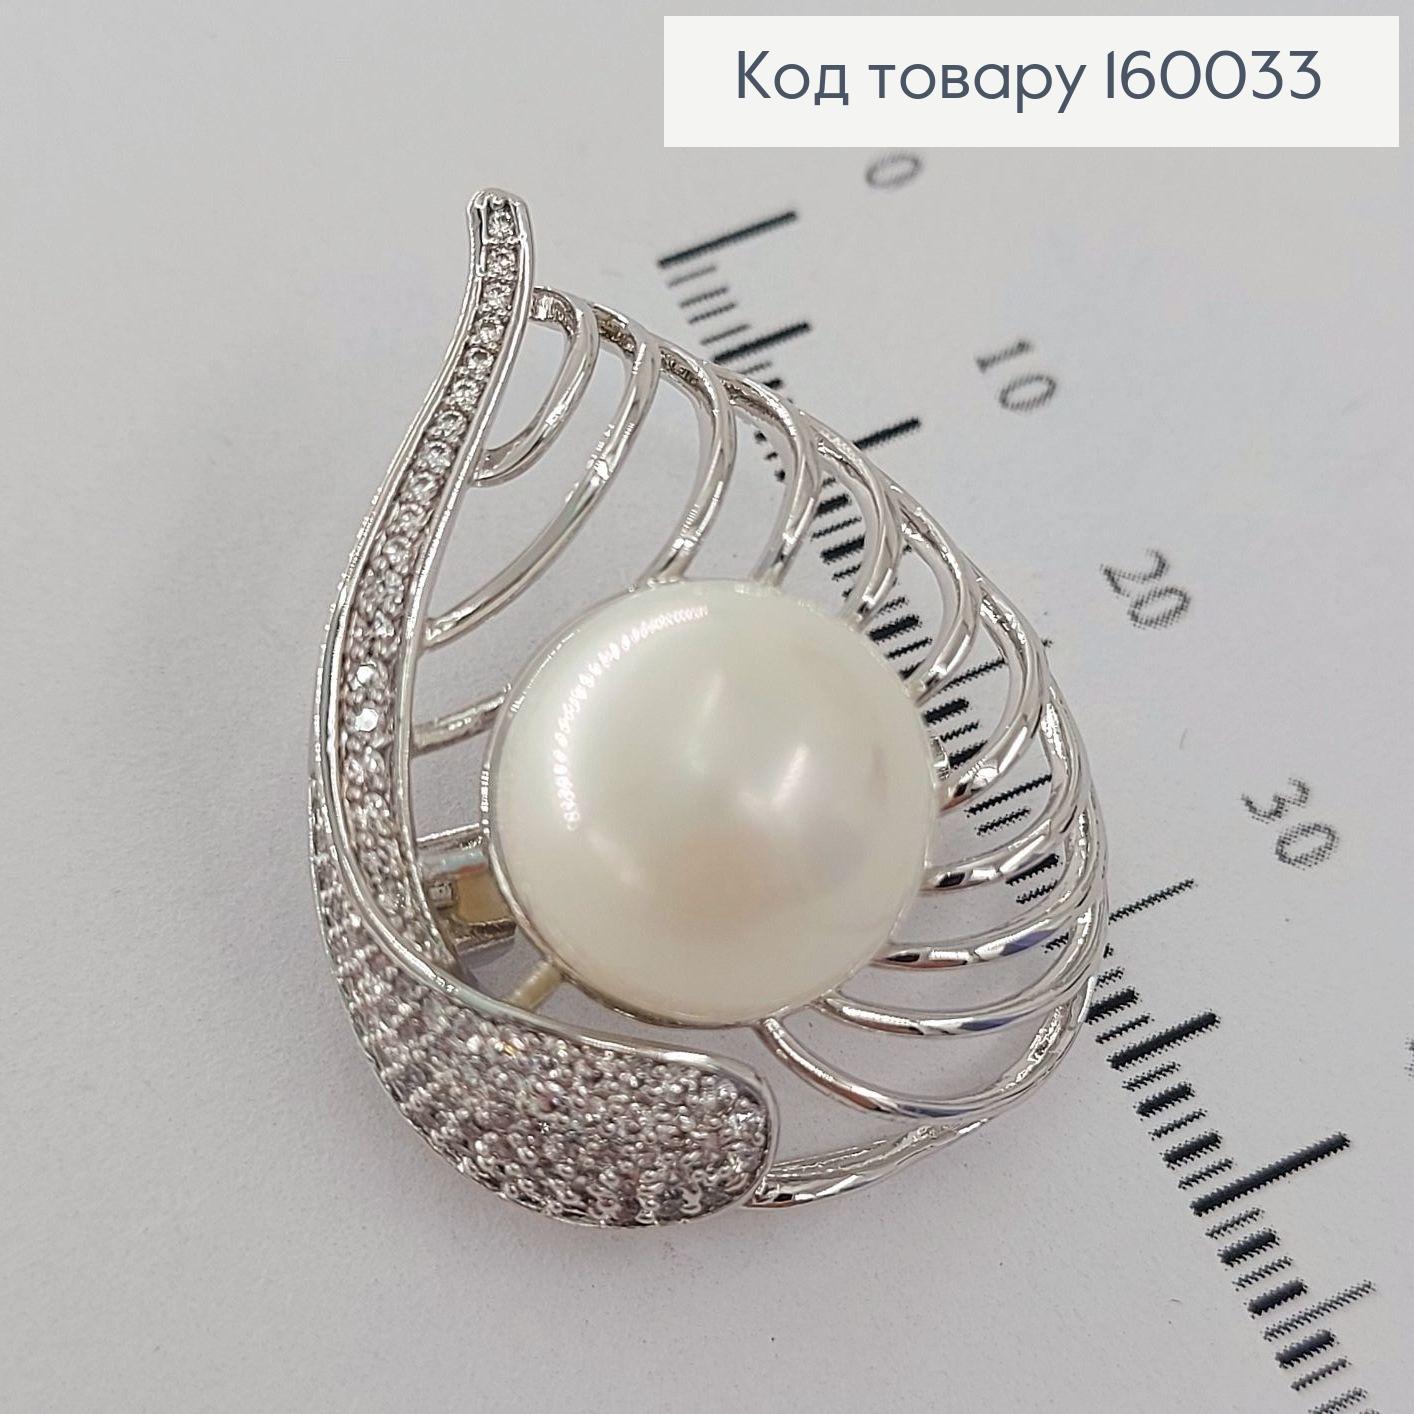 Брошка  з бусинкою та камінцями медичне золото  Xuping 18к 160033 фото 2